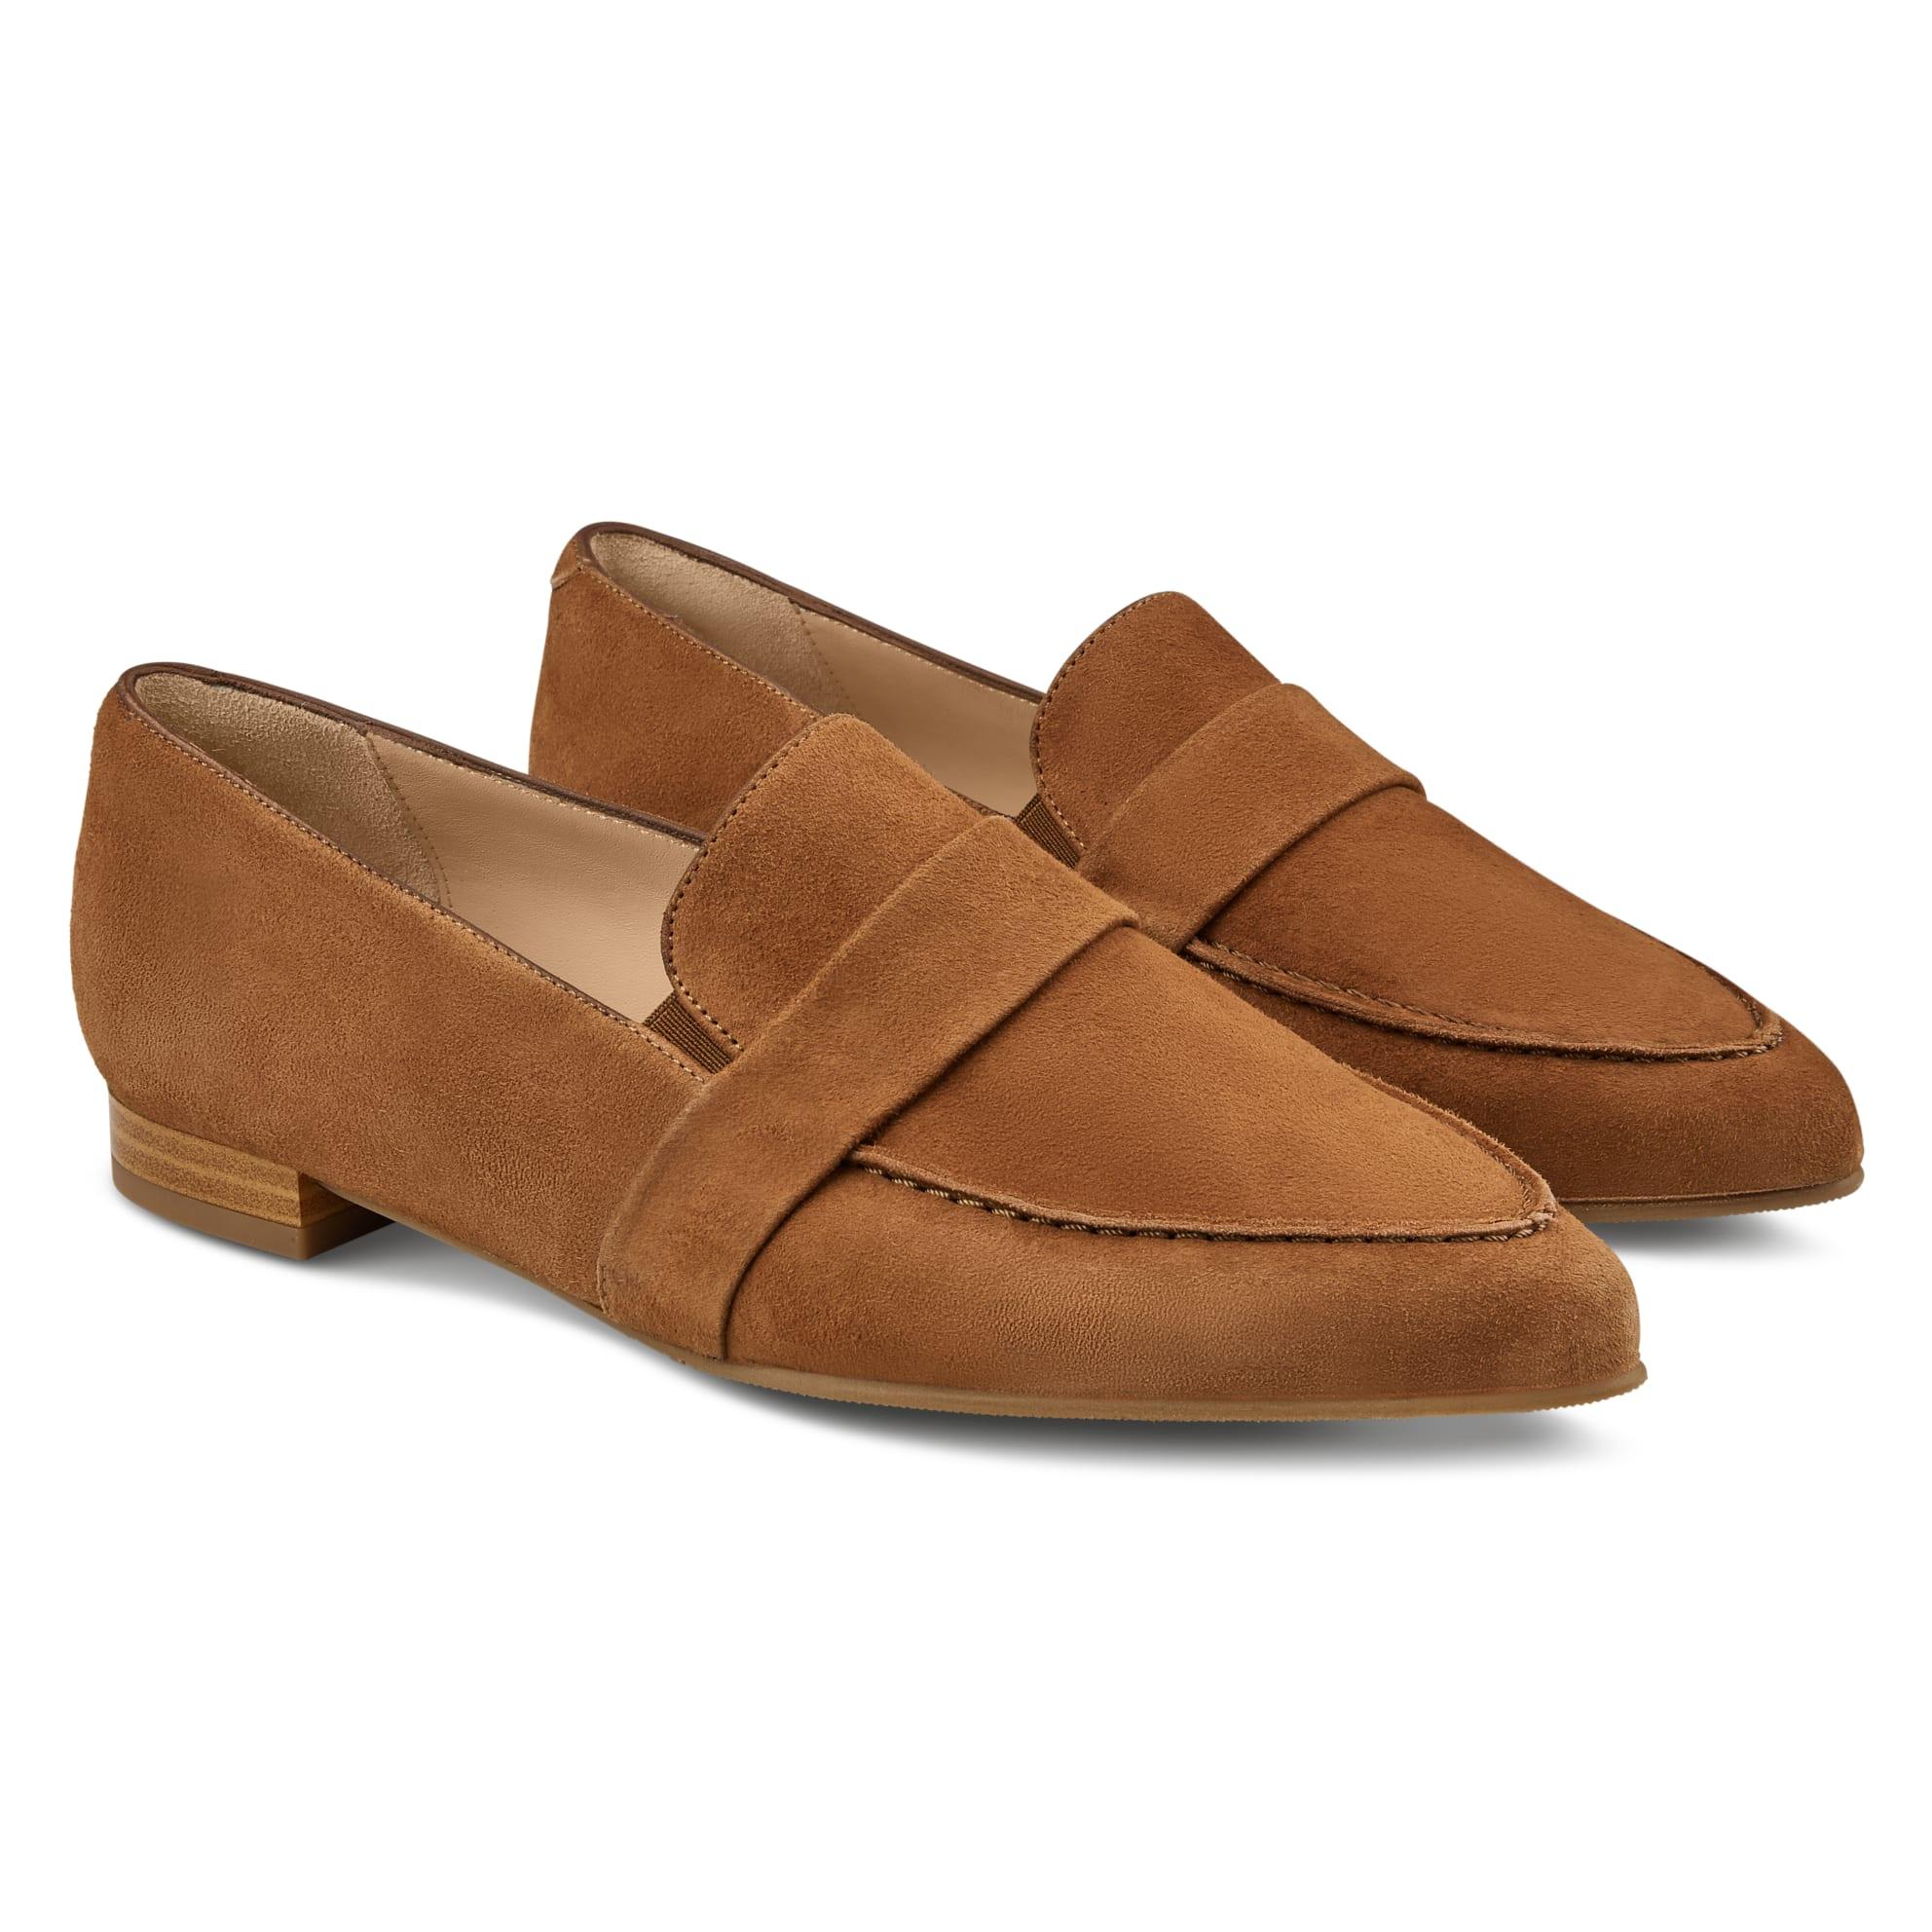 Loafer Spitz Cognac – modischer und bequemer Schuh für Hallux valgus und empfindliche Füße von LaShoe.de